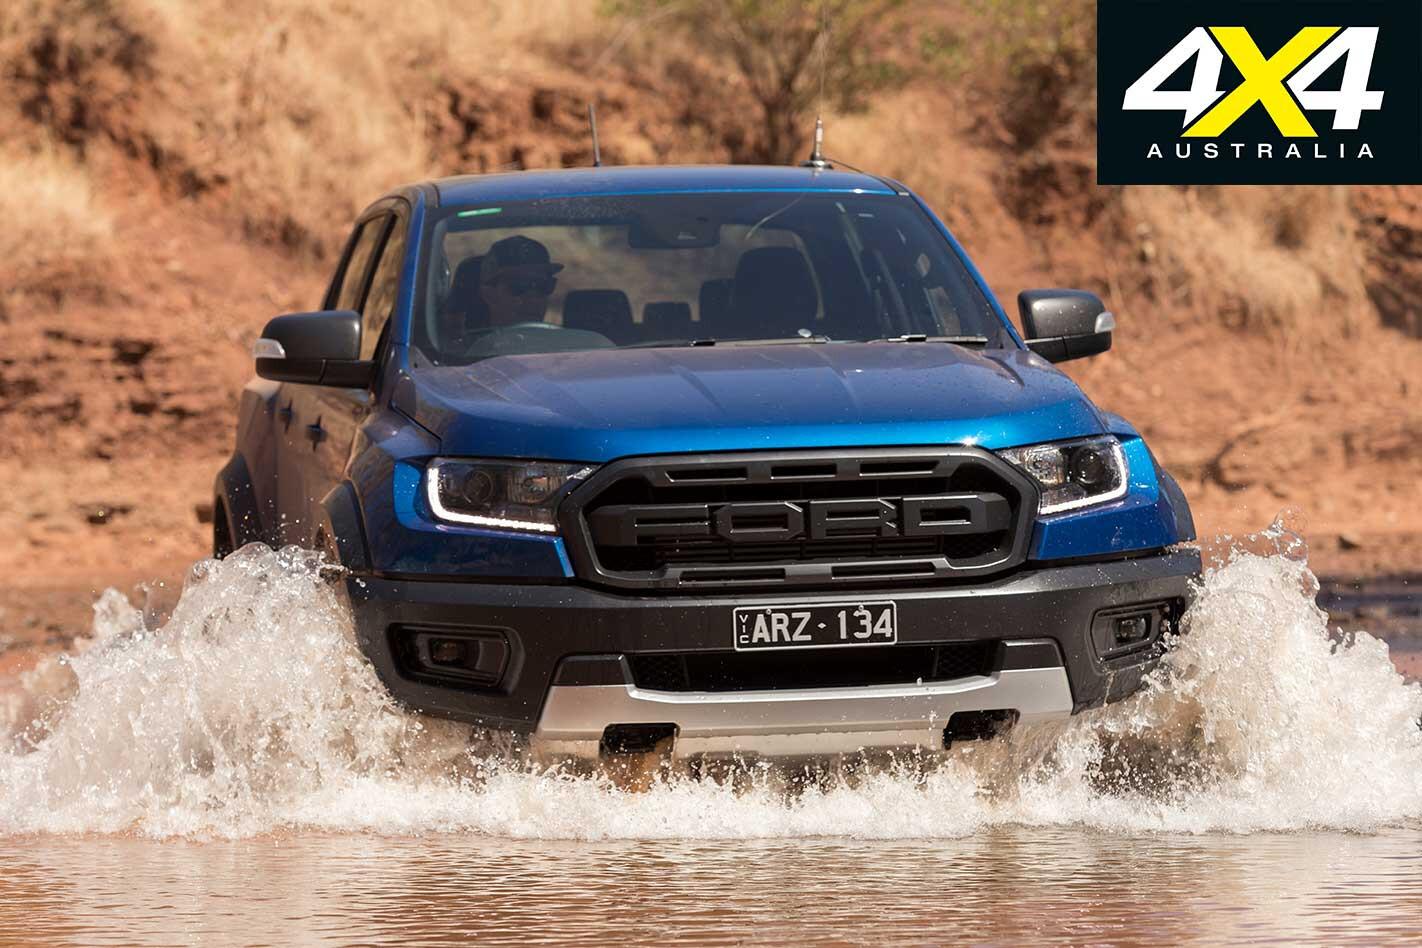 2018 Ford Ranger Raptor River Crossing Jpg